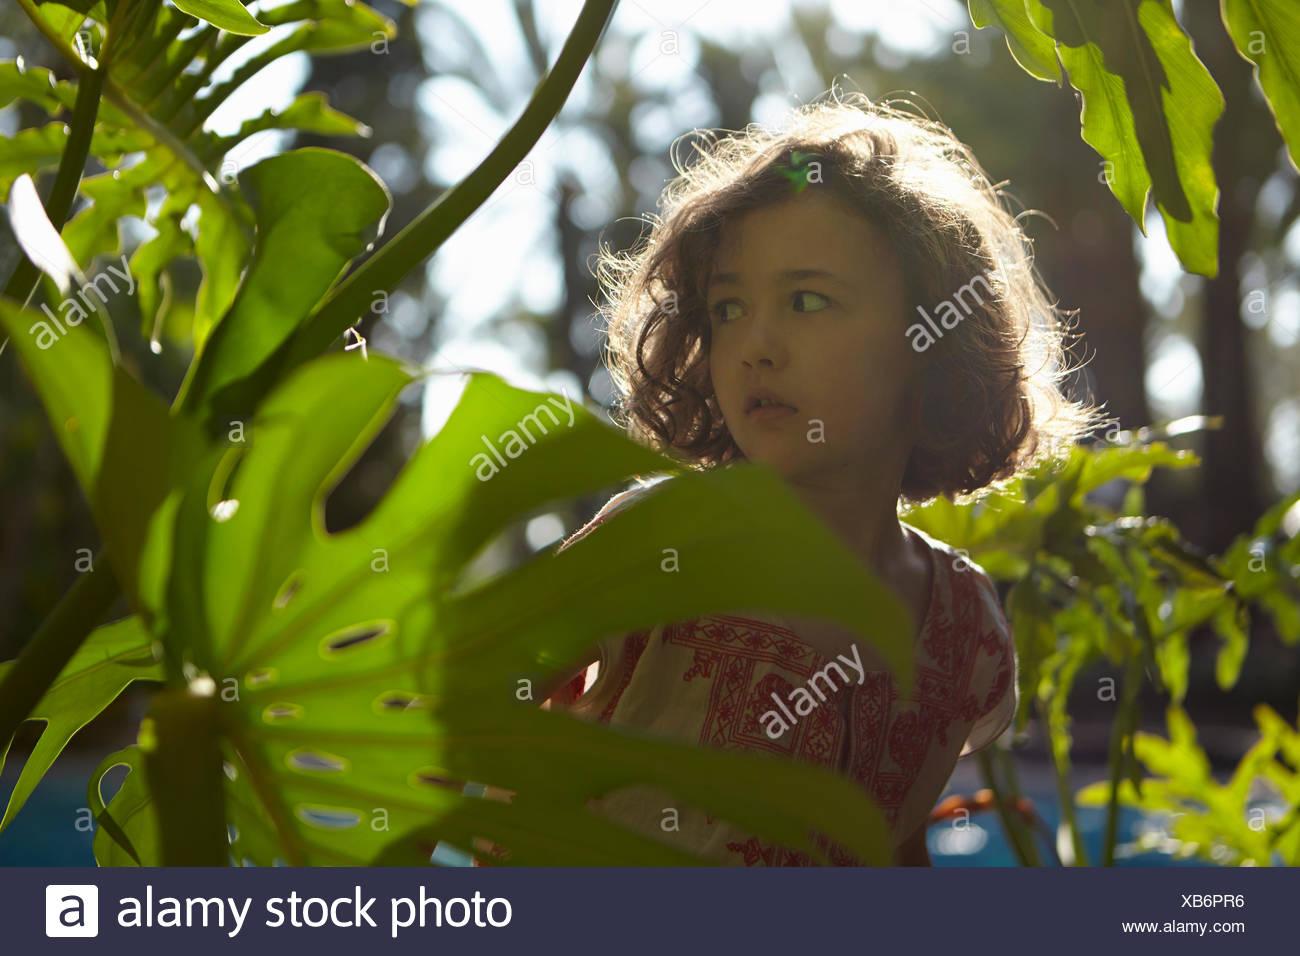 De joven, expresión de preocupación, de pie entre el follaje Imagen De Stock